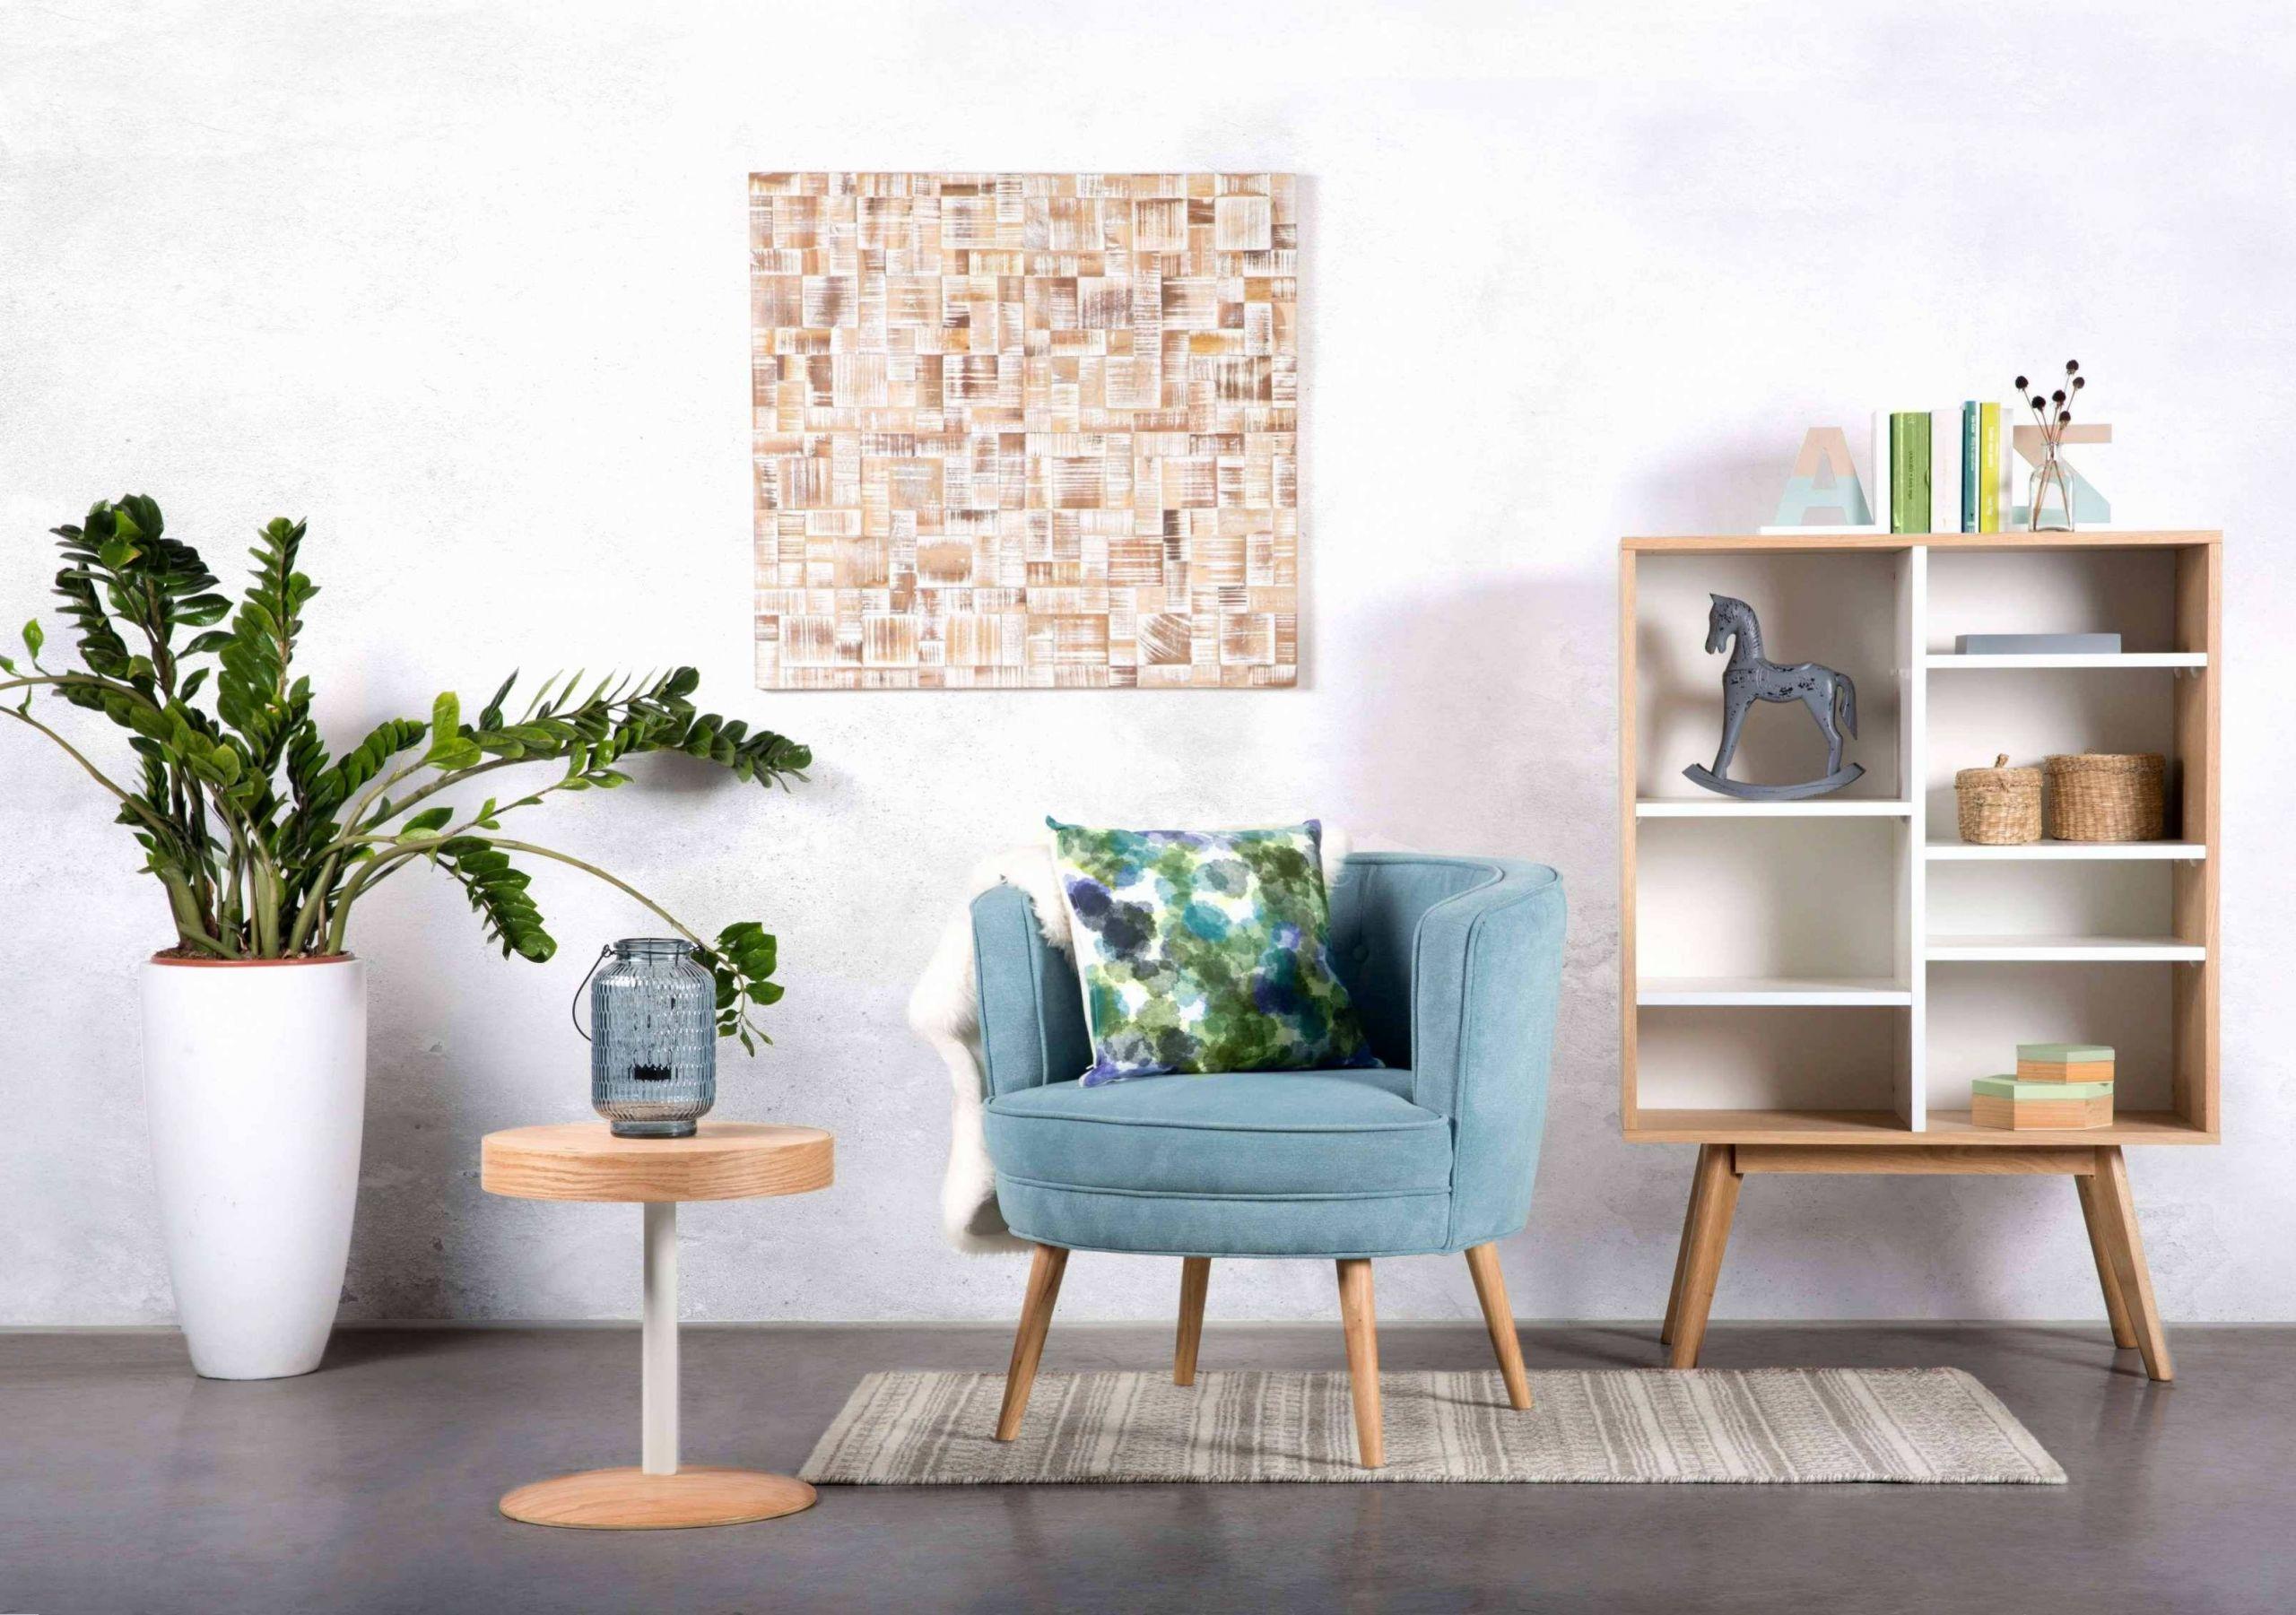 Deko Ideen Für Den Garten Schön Elegant Deko Für Kleine Wohnzimmer Concept